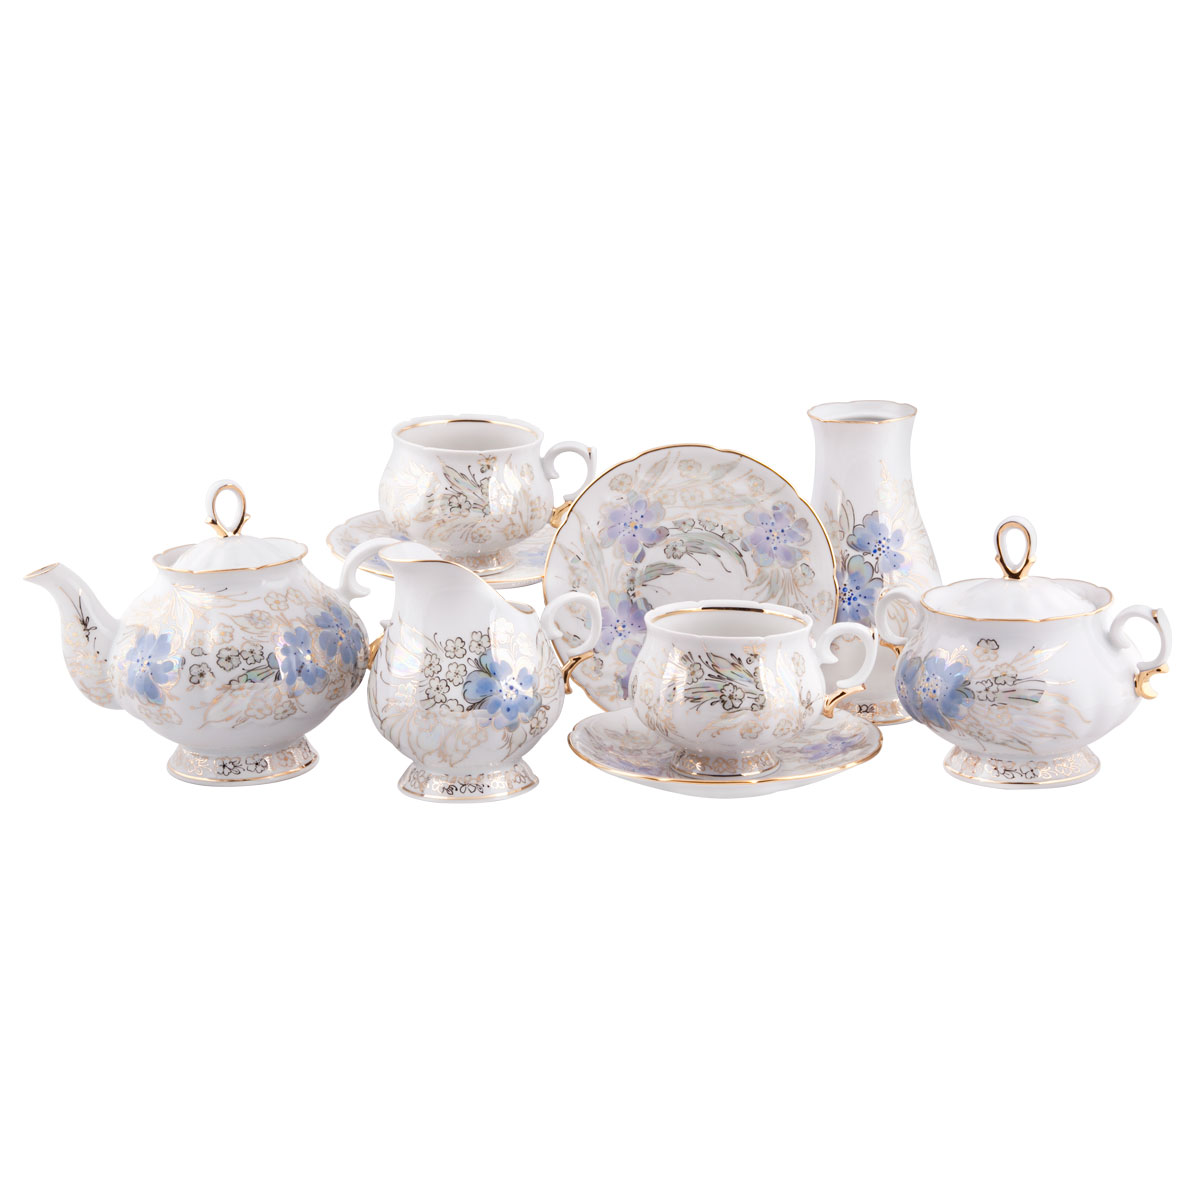 Сервиз чайный Башфарфор Людмила, 16 предметовVT-1520(SR)Сервиз чайный из белого фарфора рассчитан на 6 персон. Тонкий белый фарфор.Скромный, но очень нежный и романтичный сервиз, создающий настроение. Удобная, практичная, легкая посуда, подходит и для особых случаев и на каждый день.В состав набора входит: чашка 250мл 6 шт, блюдце 14,5см 6 шт, сахарница 300мл 1шт, чайник 600мл 1 шт, Молочник 250мл 1шт, ваза 1шт.